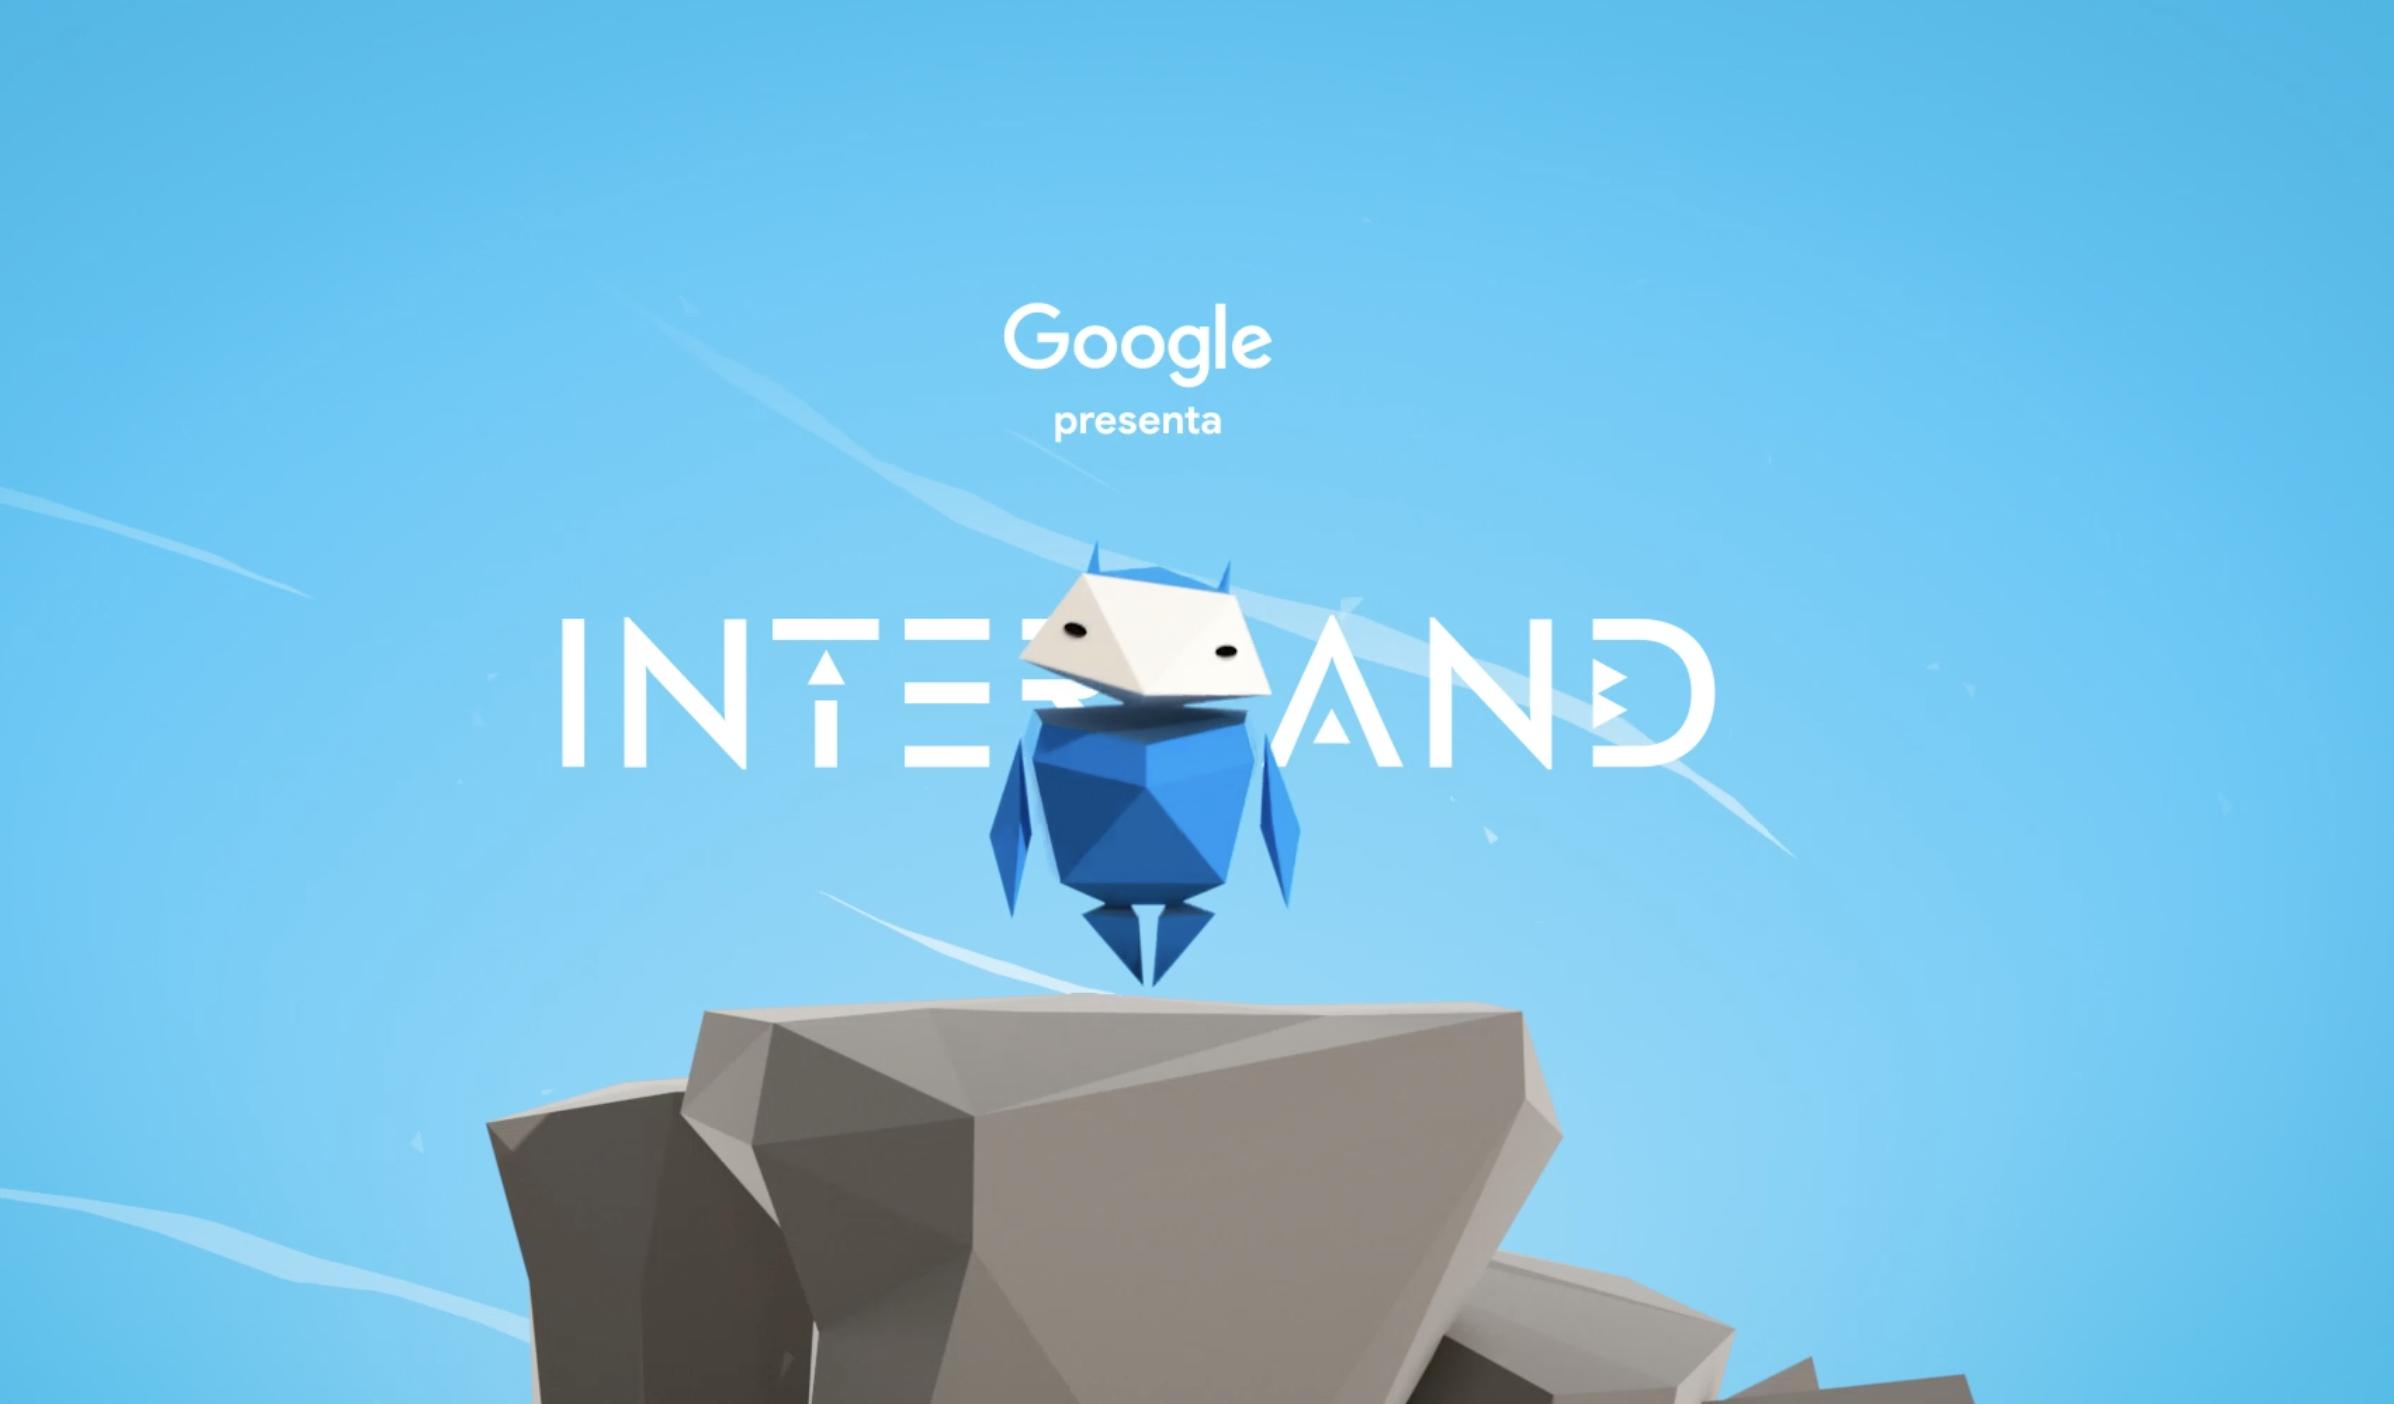 Interland, il progetto di Google per aiutare i giovani a diventare cittadini digitali responsabili